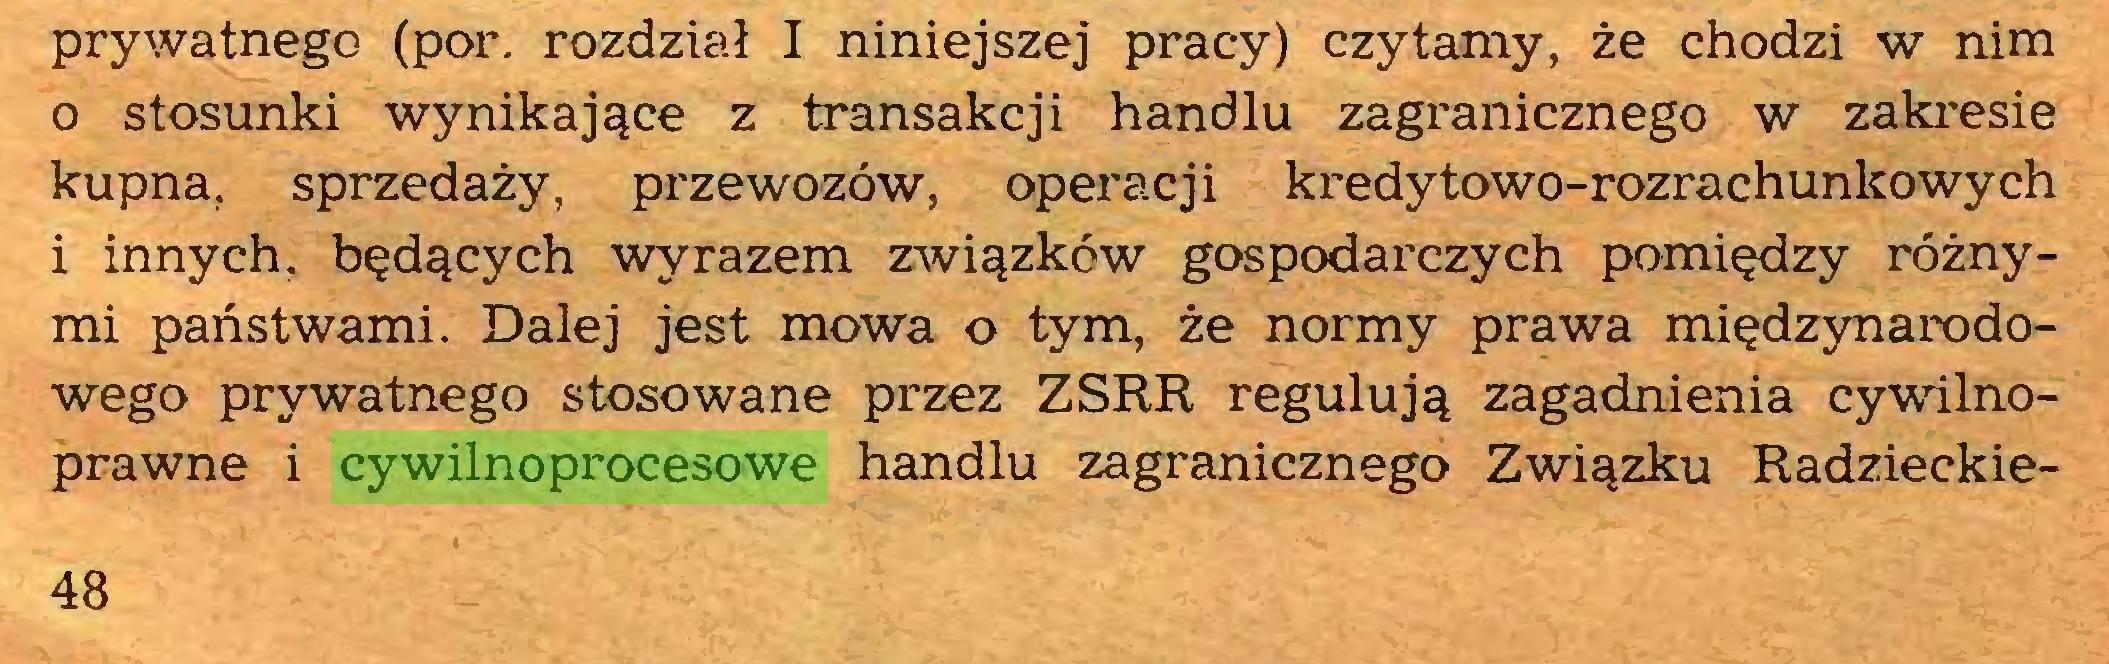 (...) prywatnego (por. rozdział I niniejszej pracy) czytamy, że chodzi w nim 0 stosunki wynikające z transakcji handlu zagranicznego w zakresie kupna, sprzedaży, przewozów, operacji kredy towo-rozrachunkowych 1 innych, będących wyrazem związków gospodarczych pomiędzy różnymi państwami. Dalej jest mowa o tym, że normy prawa międzynarodowego prywatnego stosowane przez ZSRR regulują zagadnienia cywilnoprawne i cywilnoprocesowe handlu zagranicznego Związku Radzieckie48...